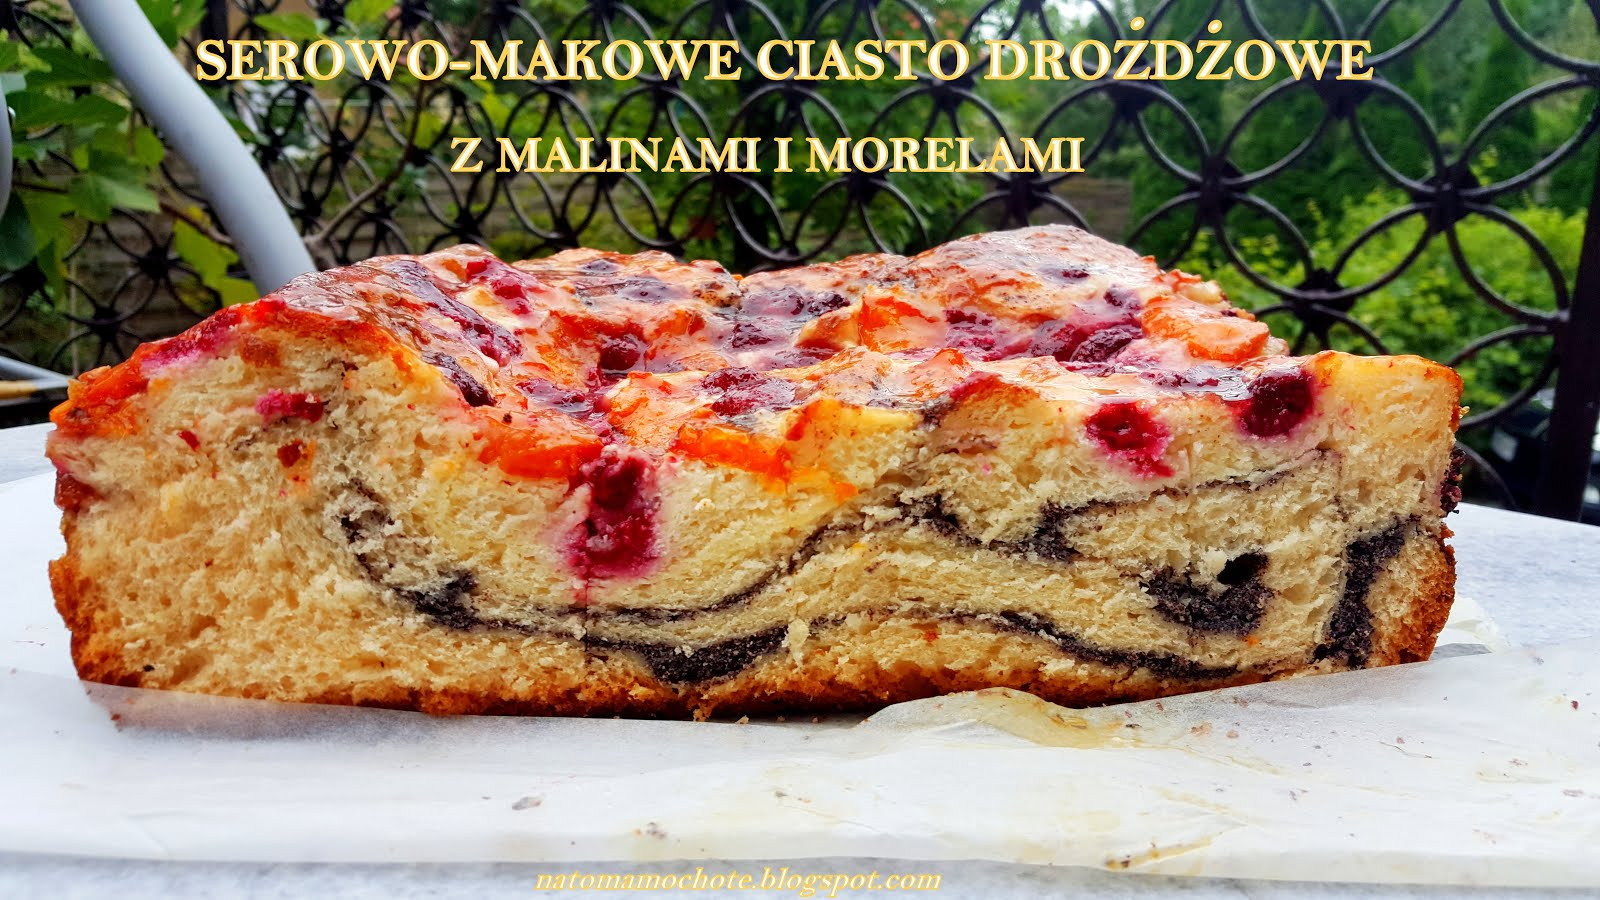 Serowo-Makowe Ciasto Drożdżowe z Morelami i Malinami